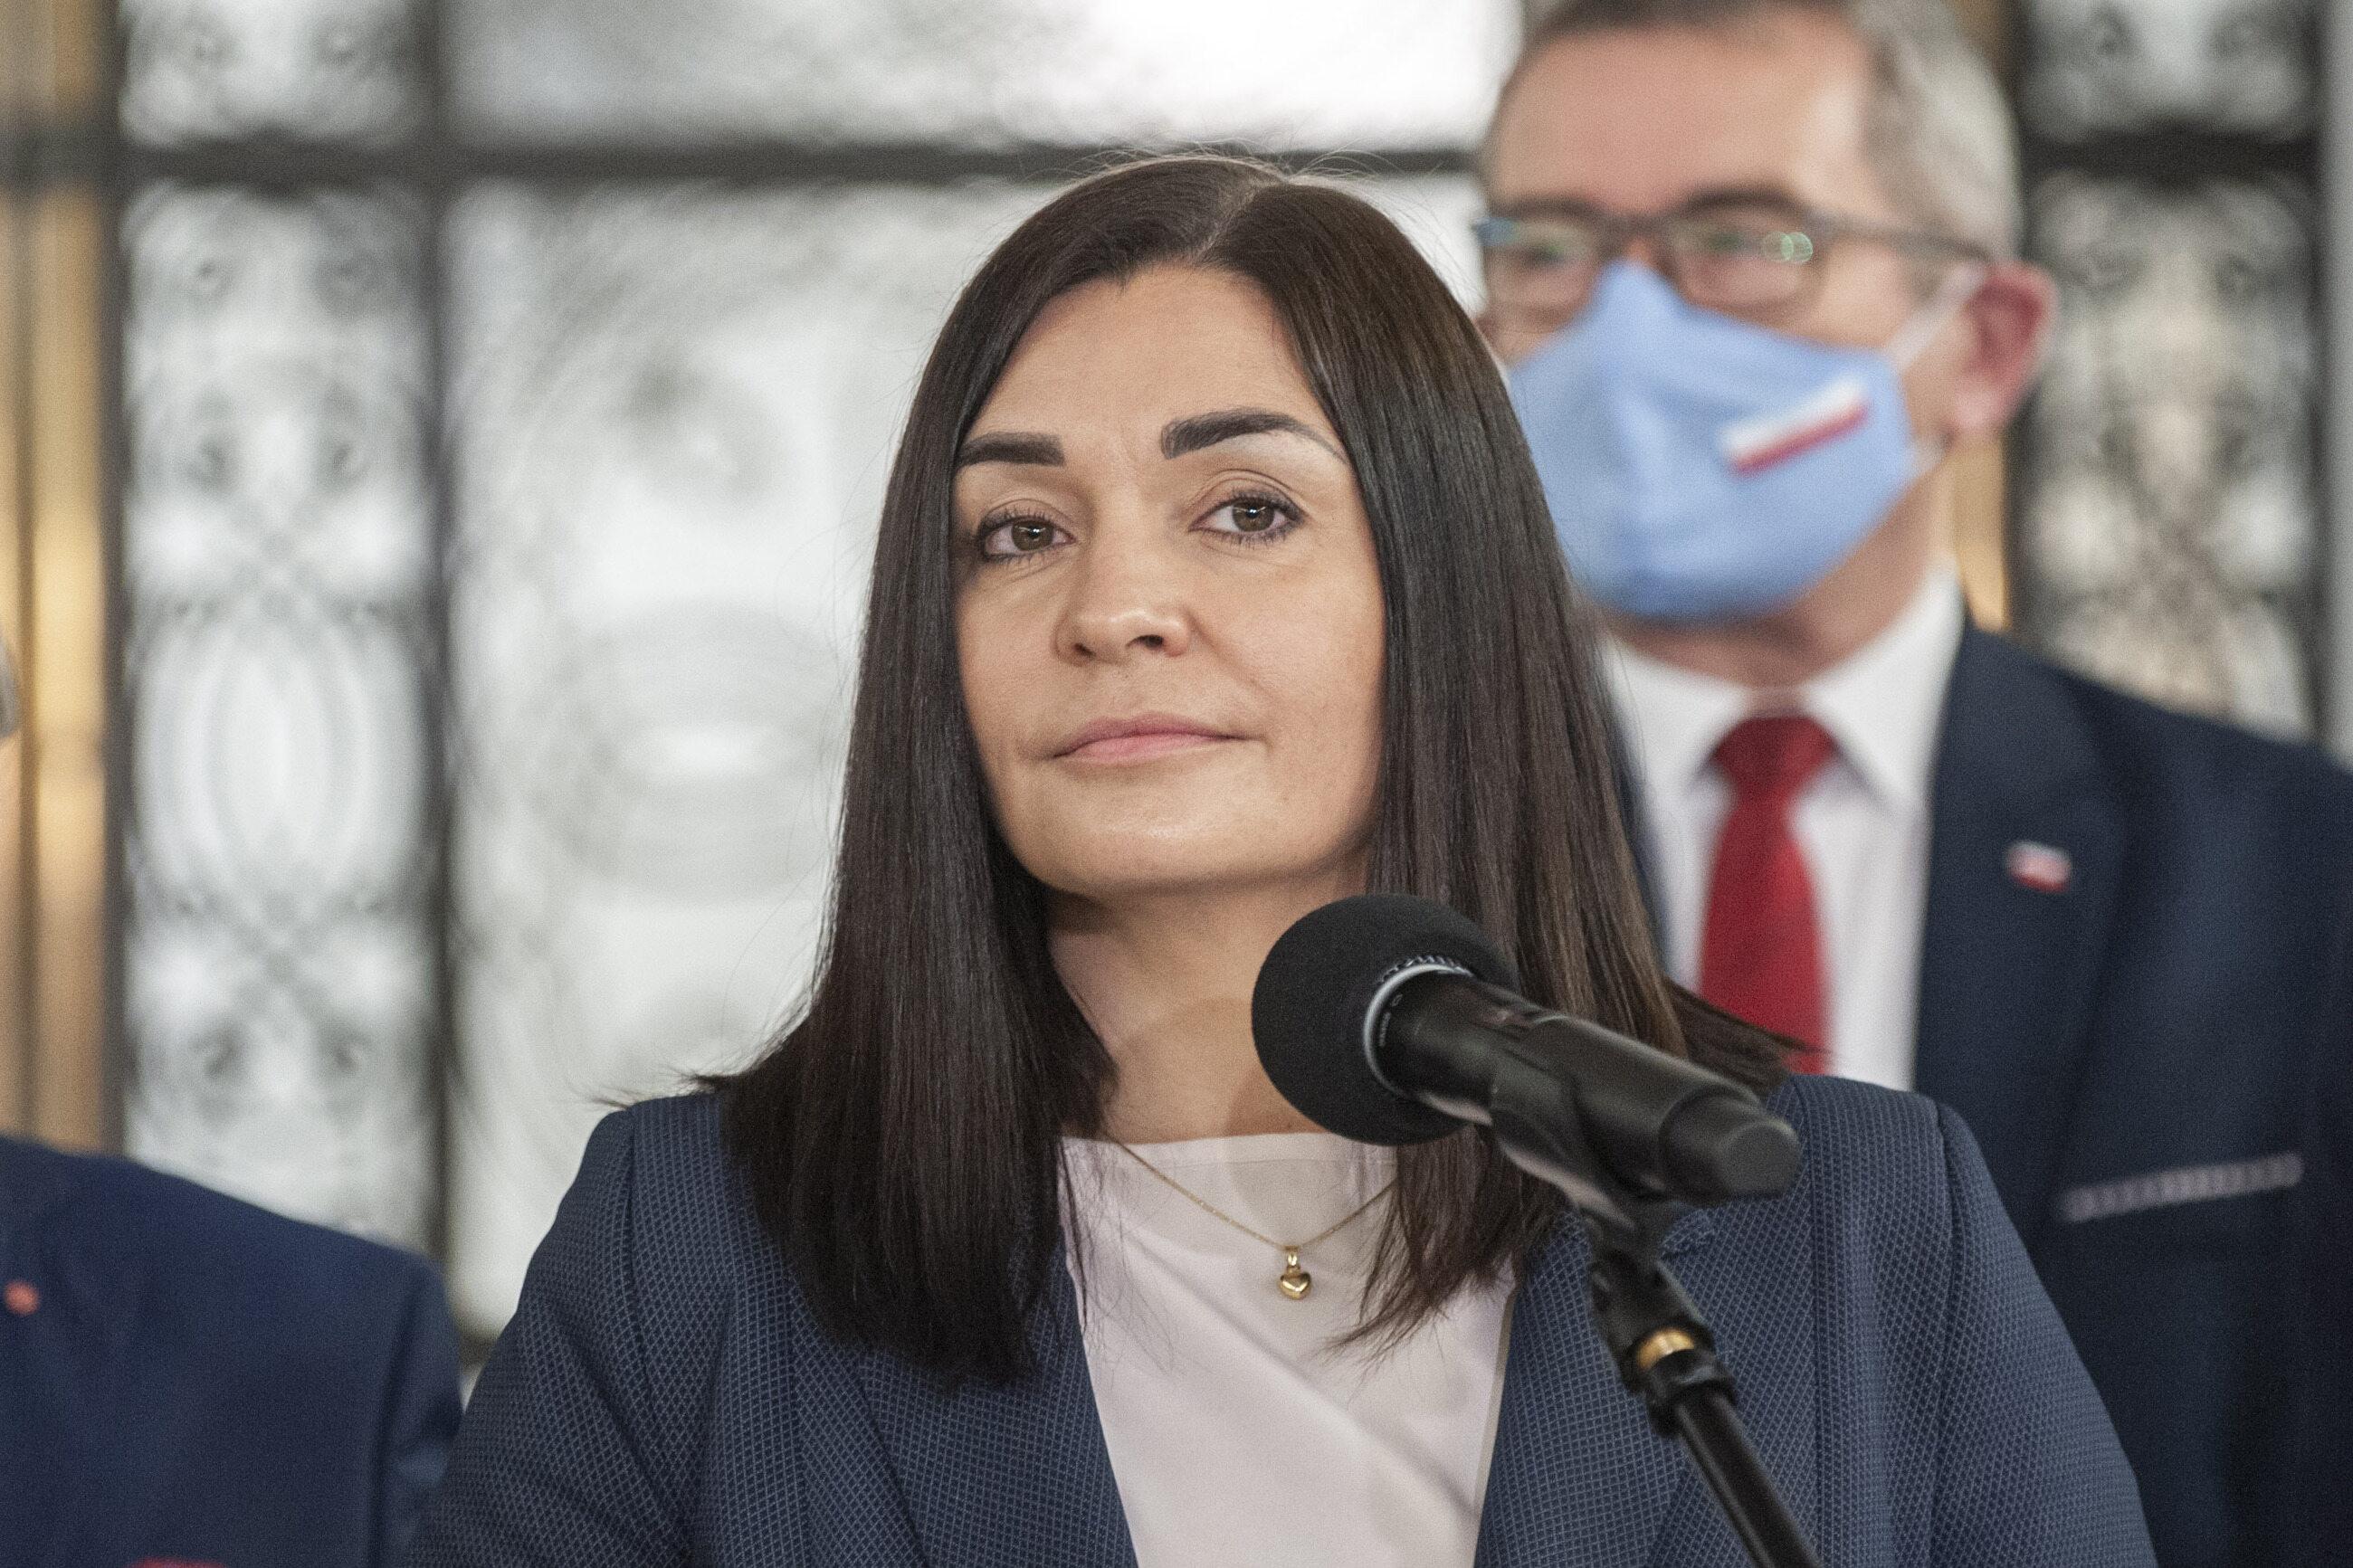 Rzeczniczka Porozumienia odwołana z komisji na wniosek Suskiego. Sroka: ZP ma się niczym caryca Katarzyna